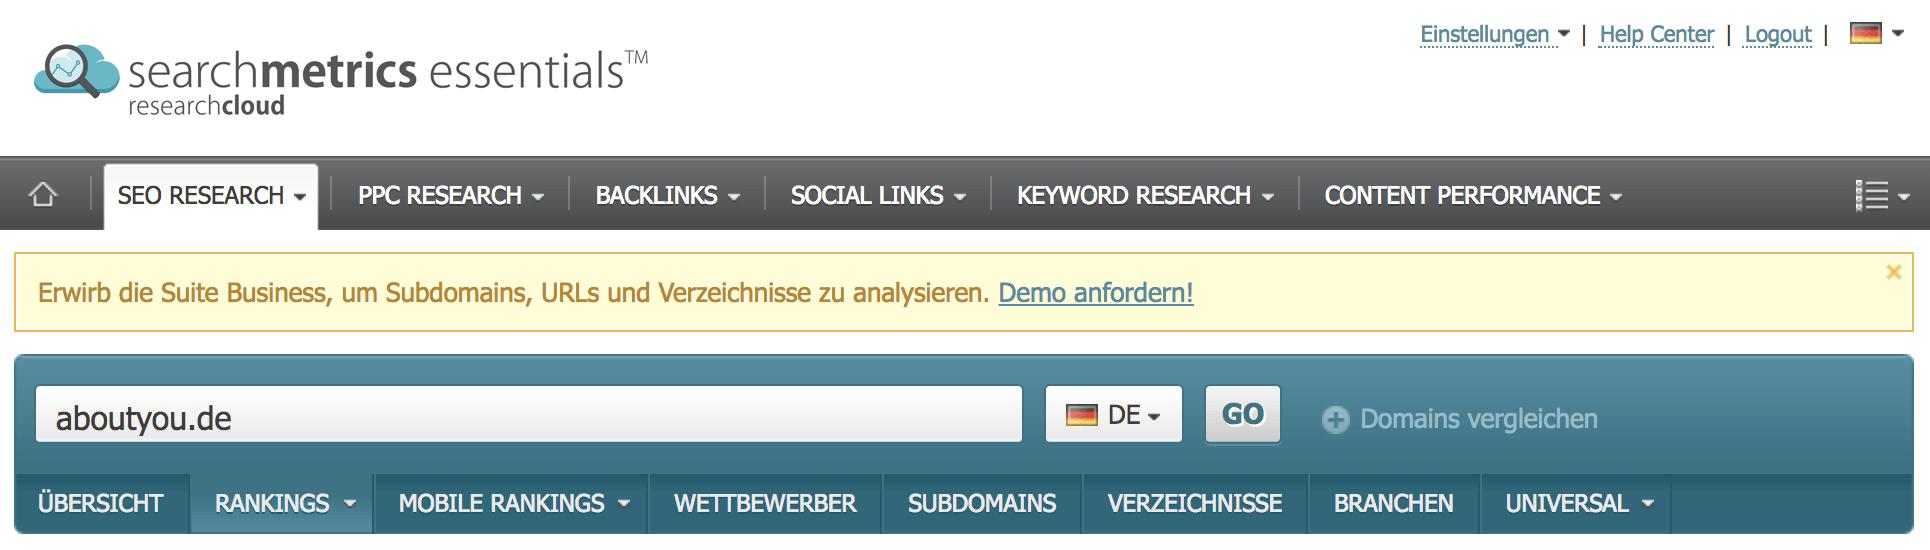 Analyse einer Subdomain, eines Verzeichnisses oder eine URL nicht möglich // Searchmetrics Essentials